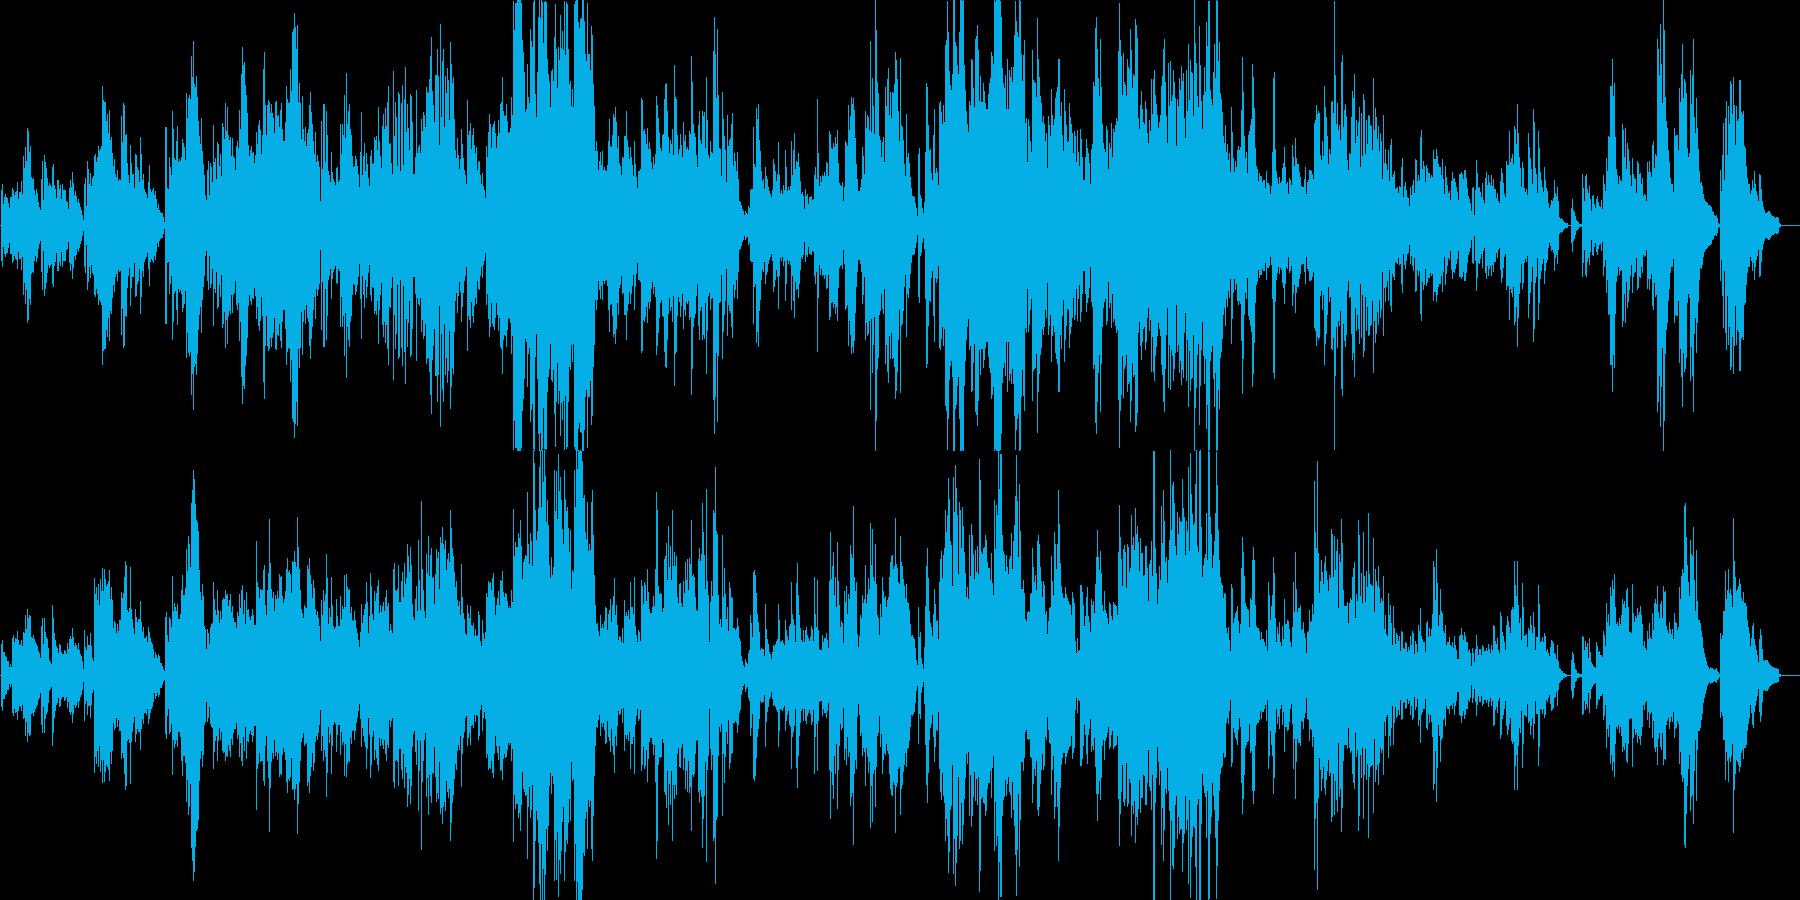 予感を感じさせるピアノバラードの再生済みの波形